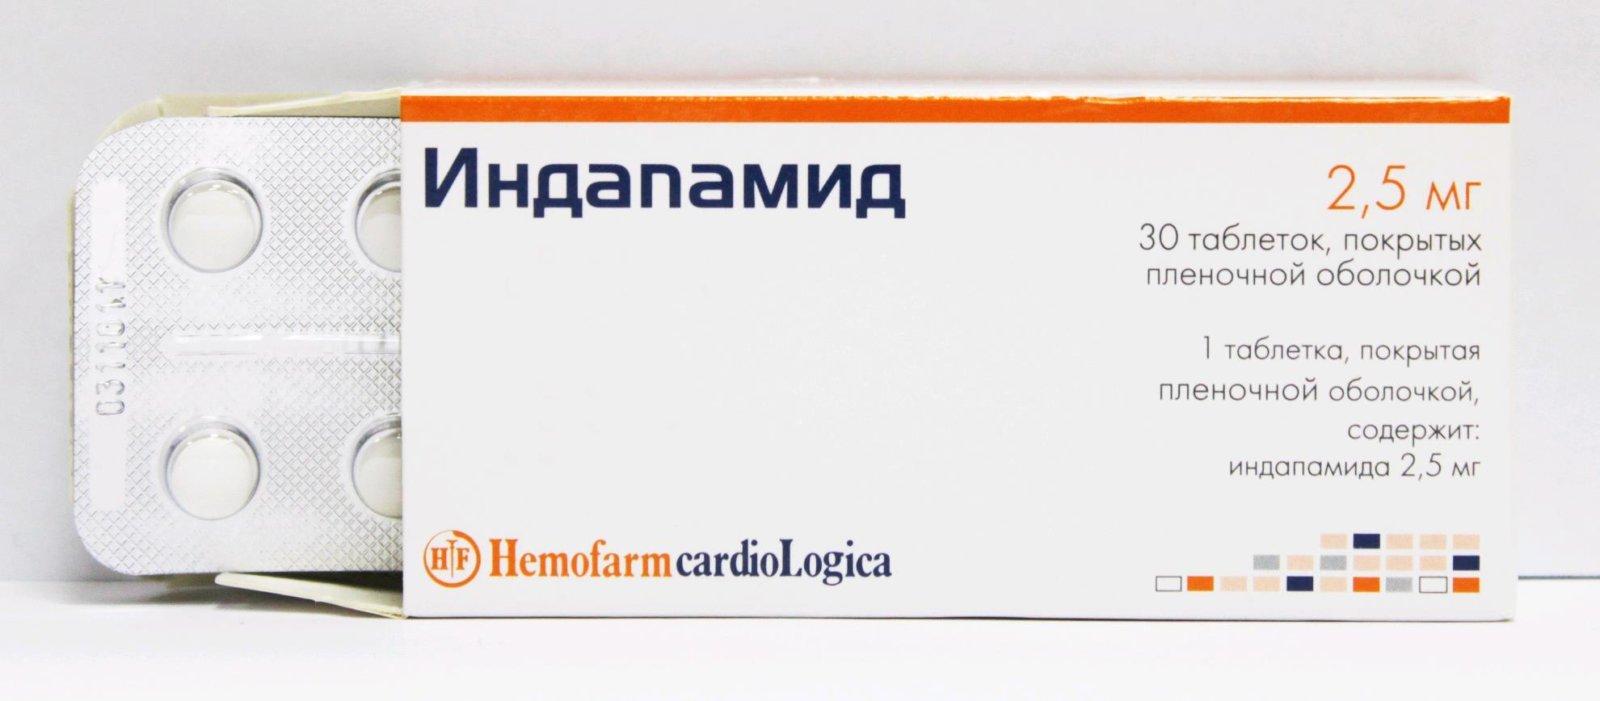 Uyuşturucusuz kandaki şekeri nasıl azaltabilirim 72